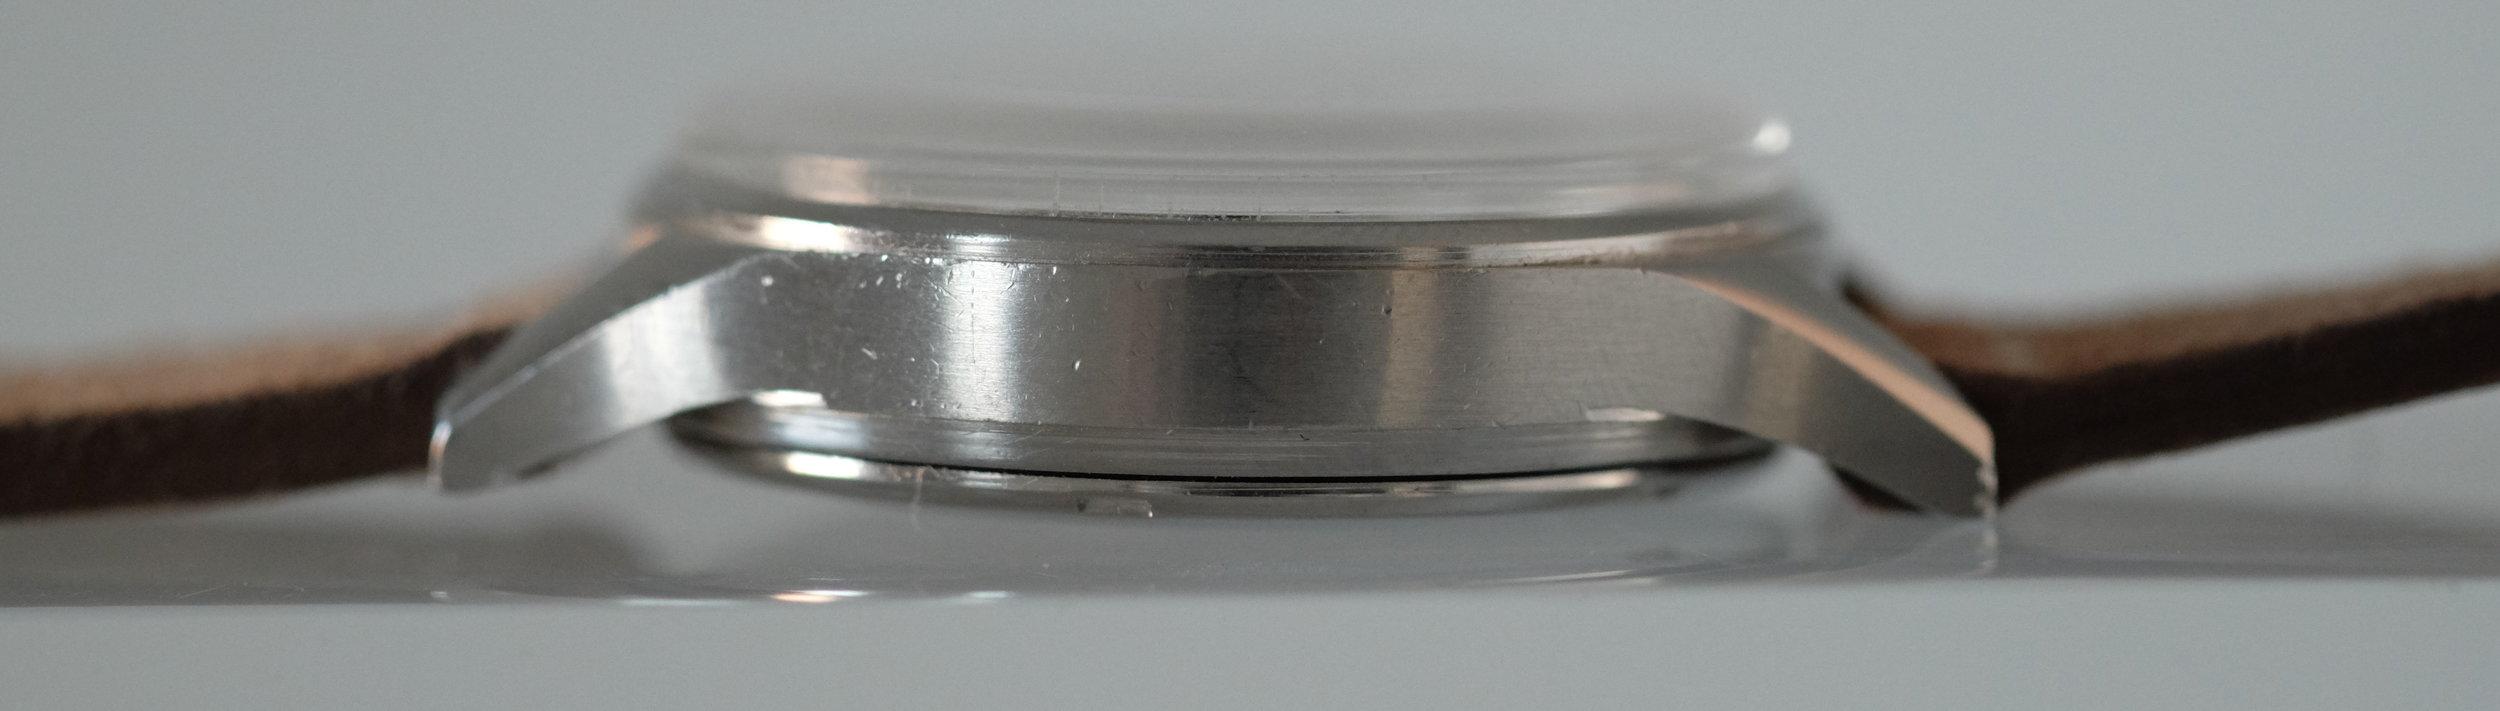 DSCF2947.JPG